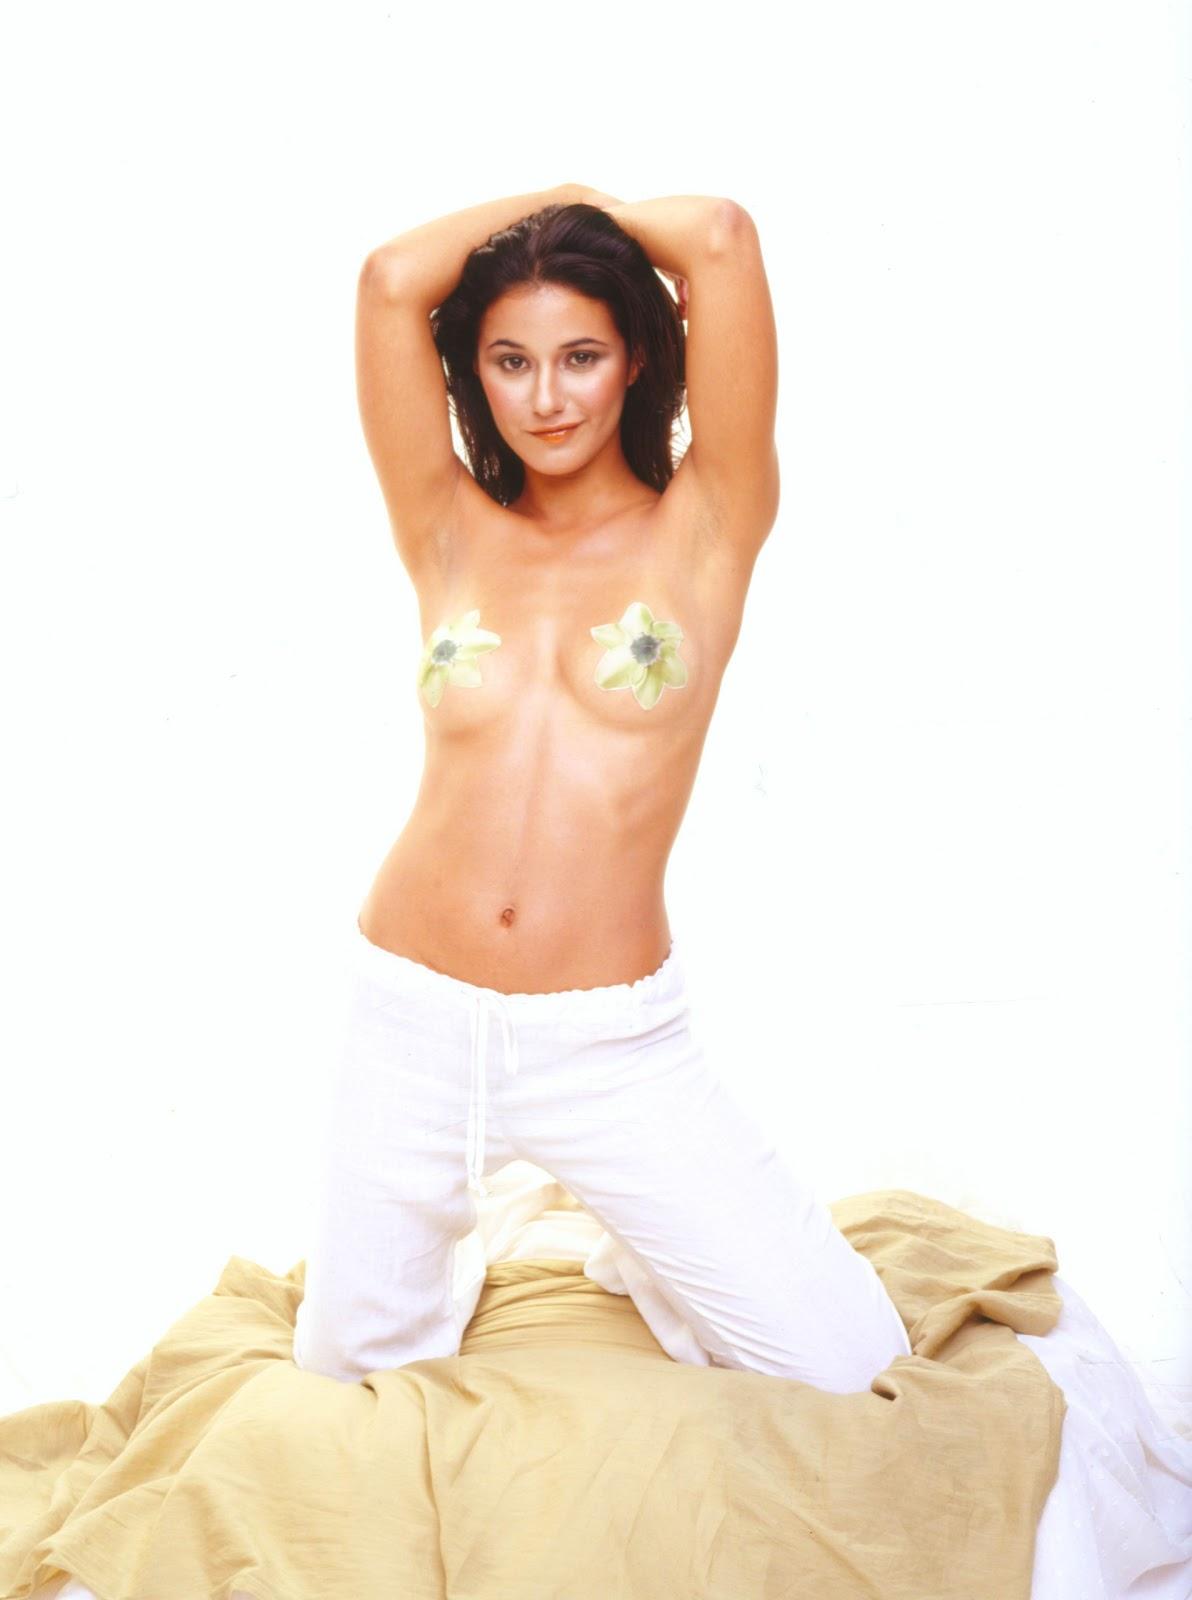 http://3.bp.blogspot.com/_pGTlBw_z2AM/TTMNjCNKAlI/AAAAAAAABxk/DMvxgEdXtEw/s1600/Emmanuelle+Chriqui+nude+naked+topless+01.jpg